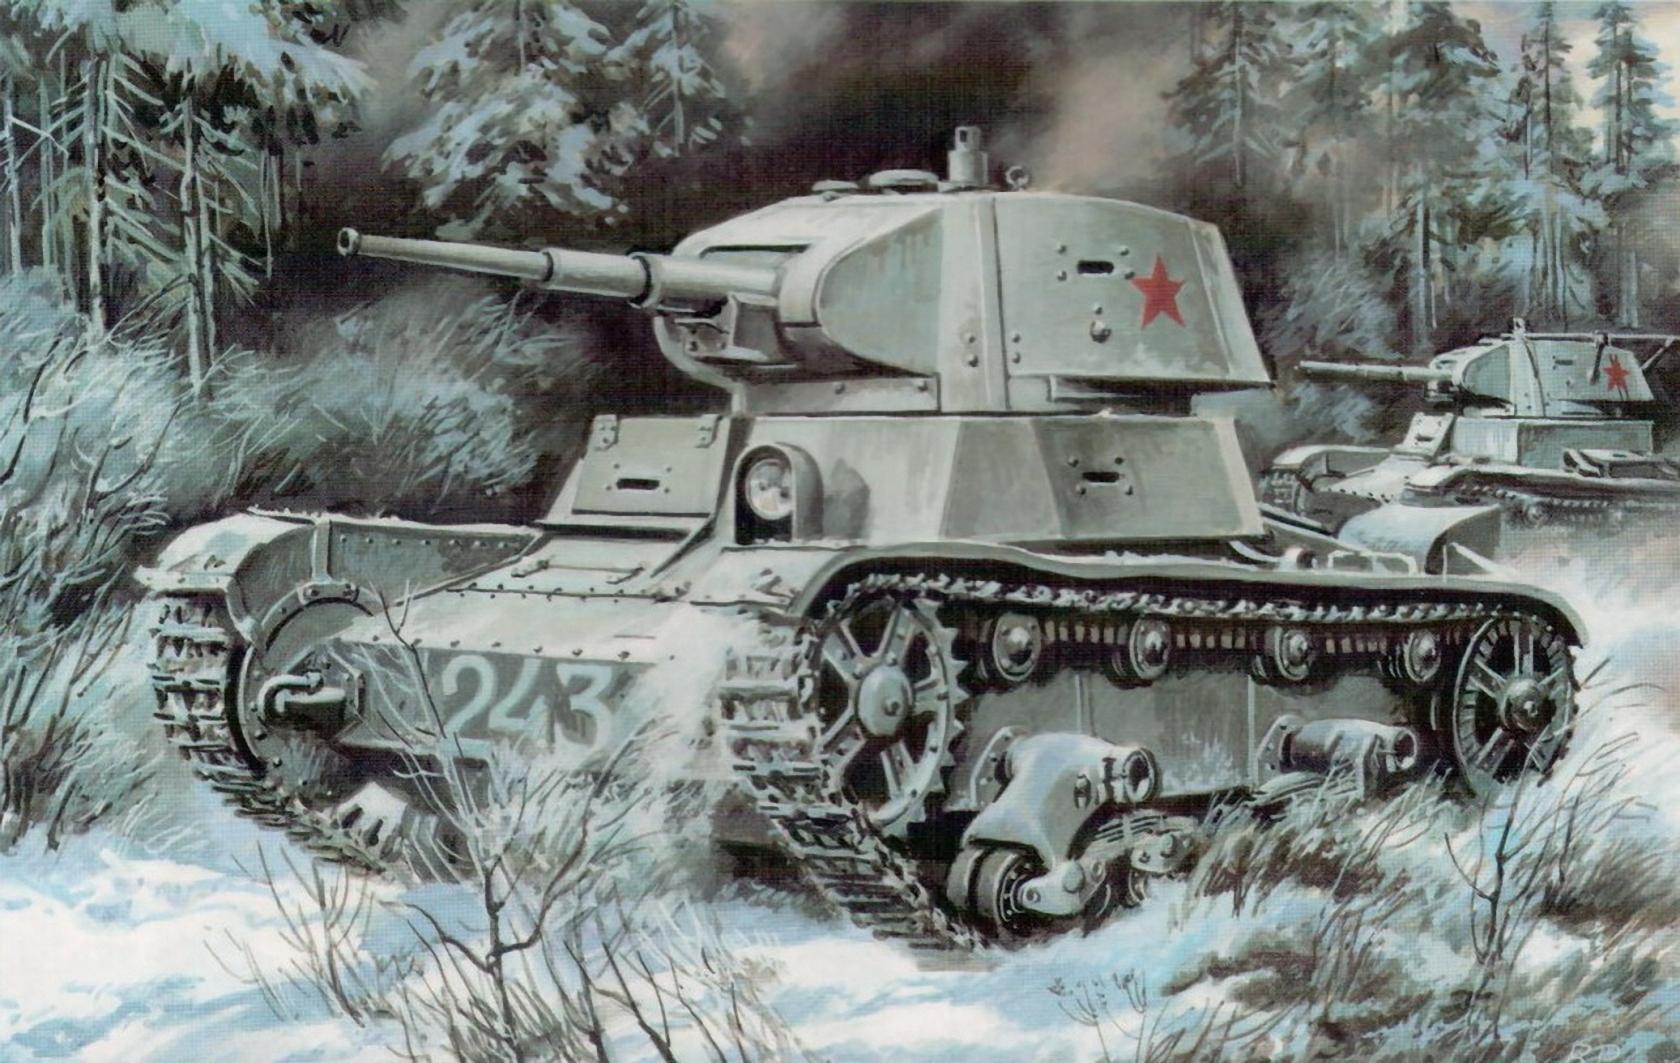 советский танк, в зимнем камуфляже, скачать бесплатно, обои для рабочего стола